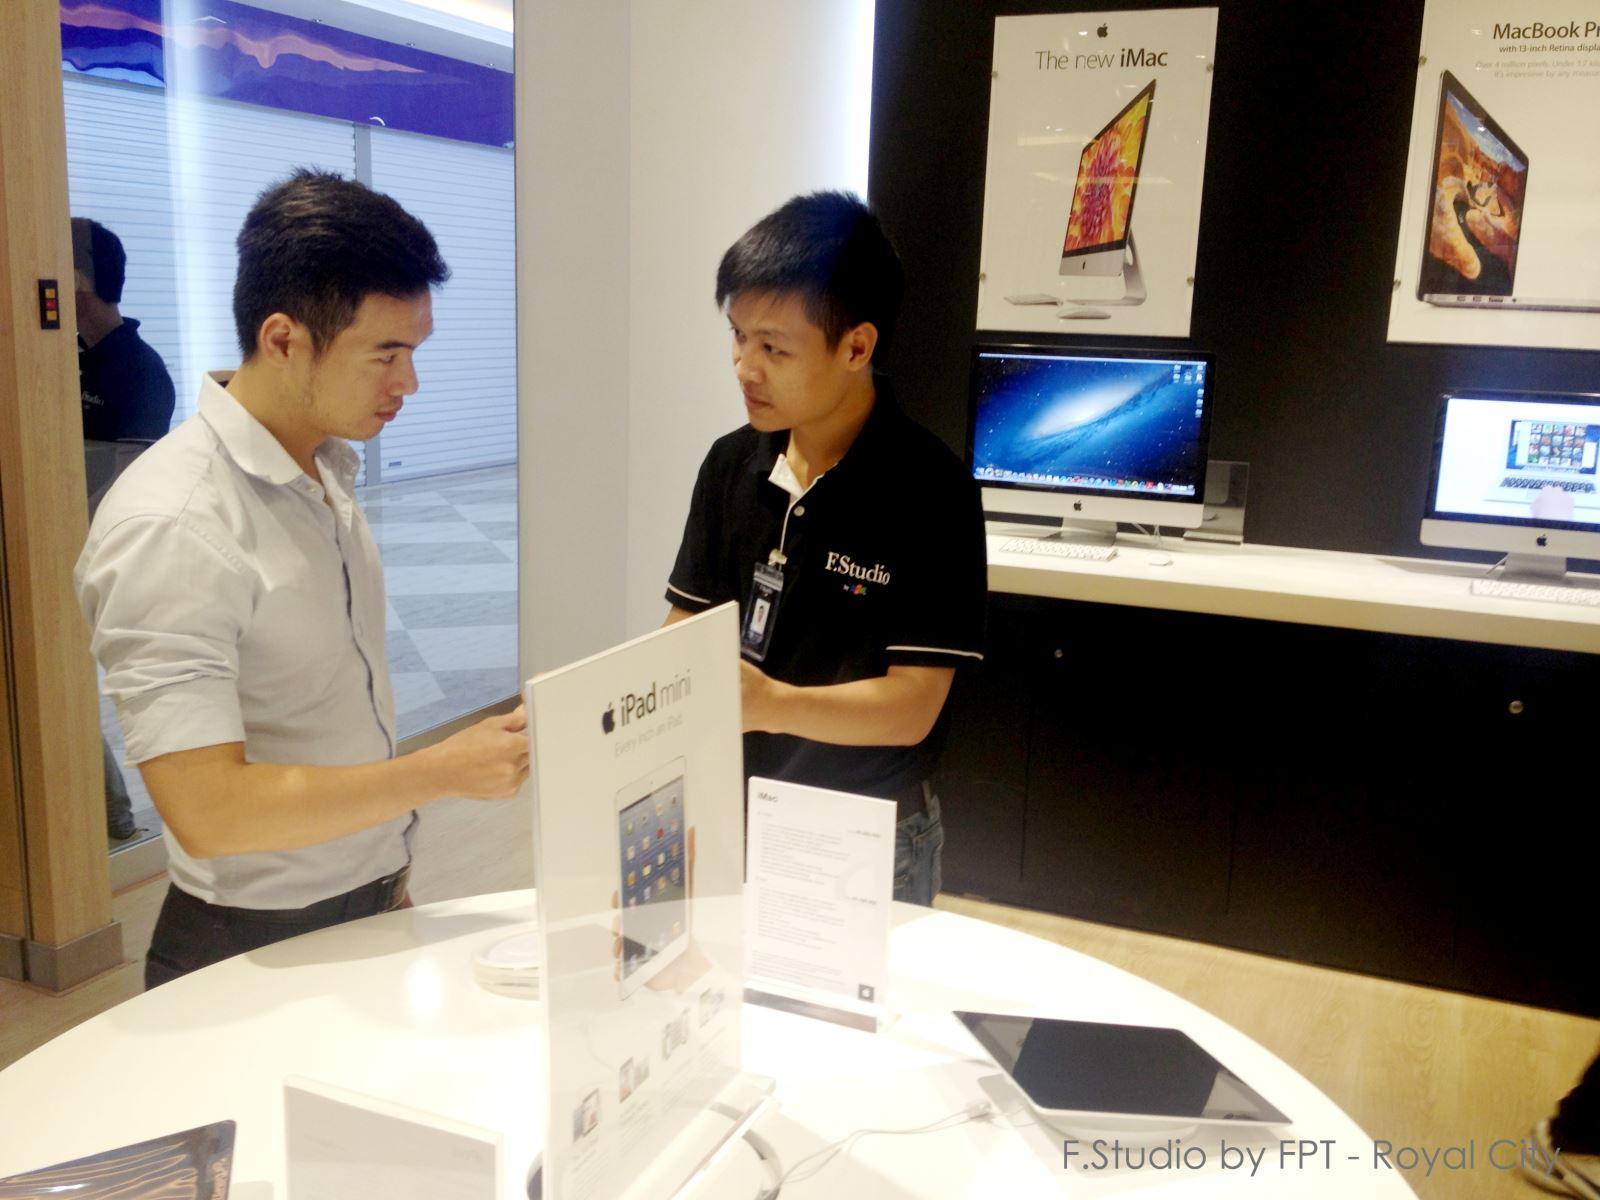 Khai trương cửa hàng Apple thứ bảy tại Royal City – Khu vui chơi giải trí ngầm lớn nhất Đông Nam Á